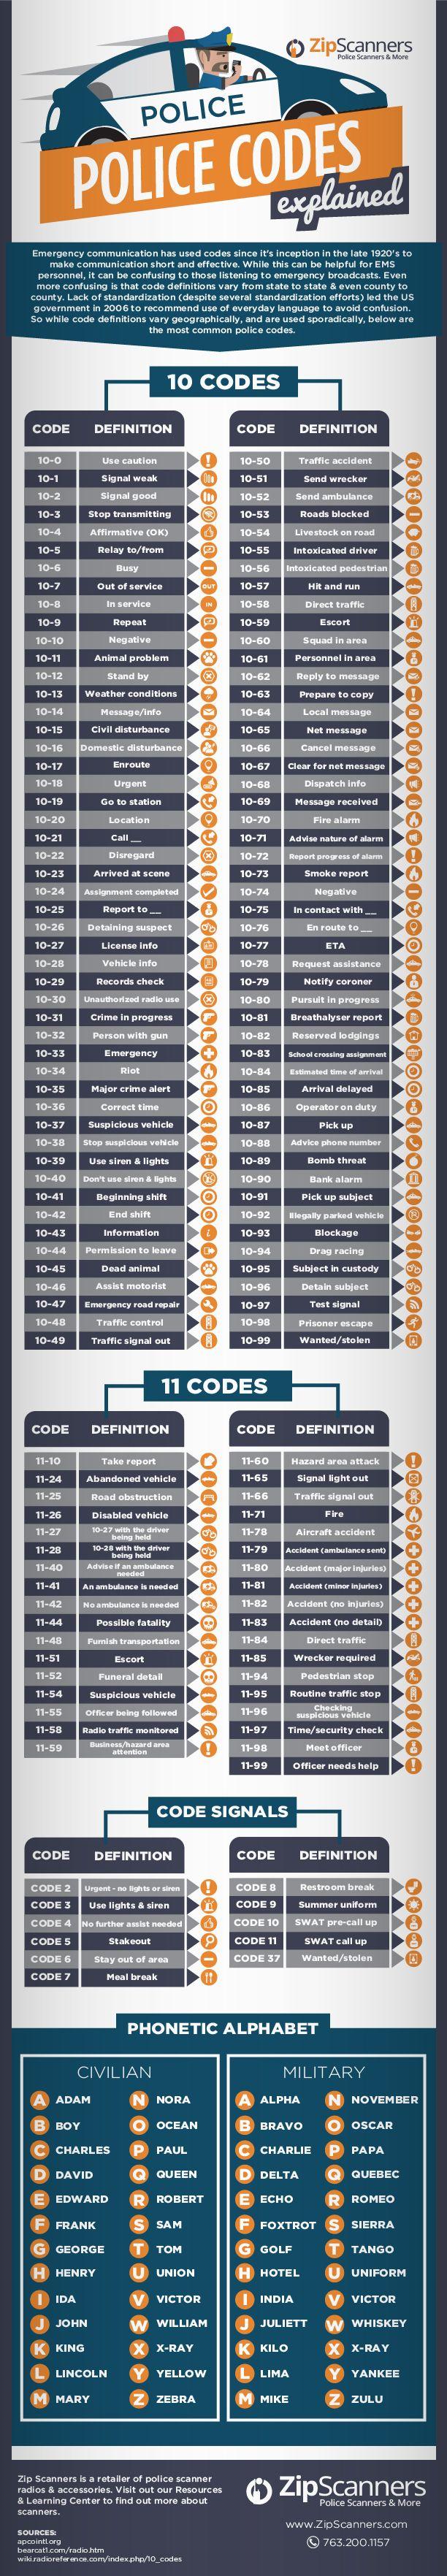 Police Codes Police Scanner Codes Police 10 Codes Coding Police Code Police